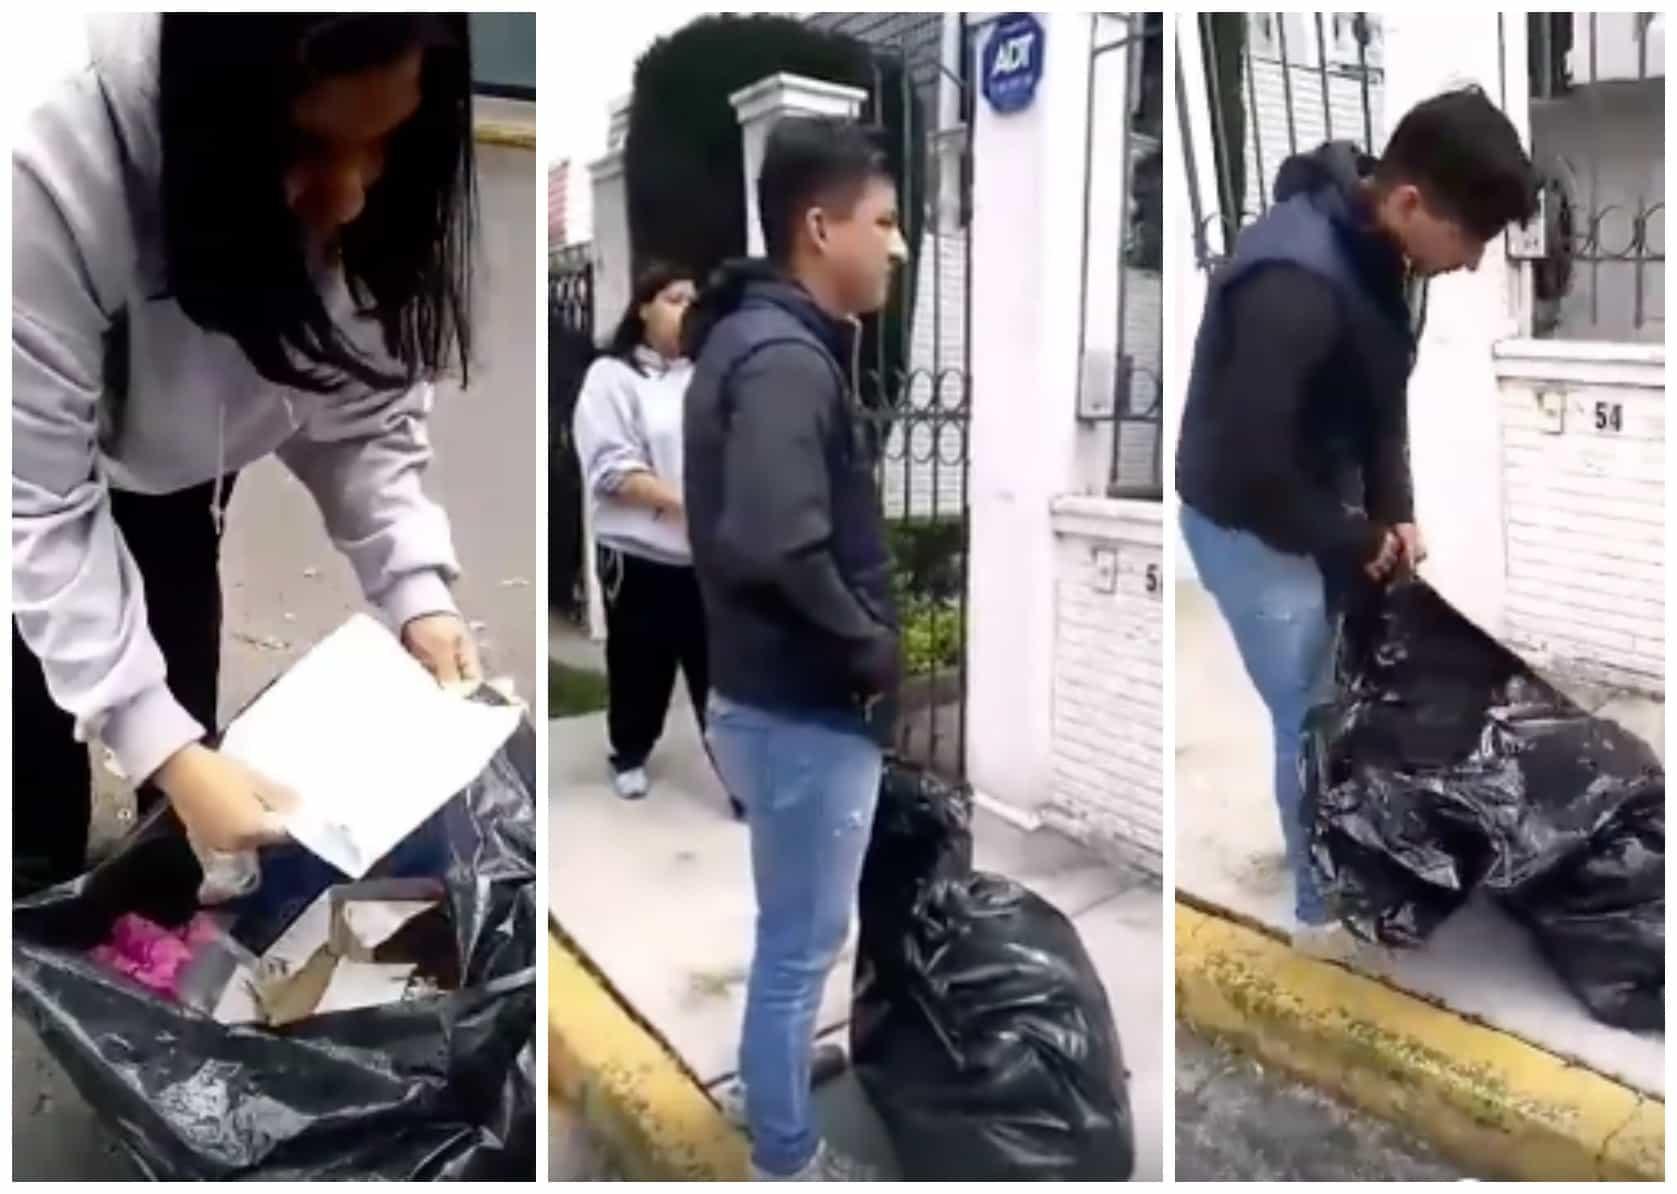 Vecinos devuelven basura a hombre que la dejó en la calle. Pulzo.